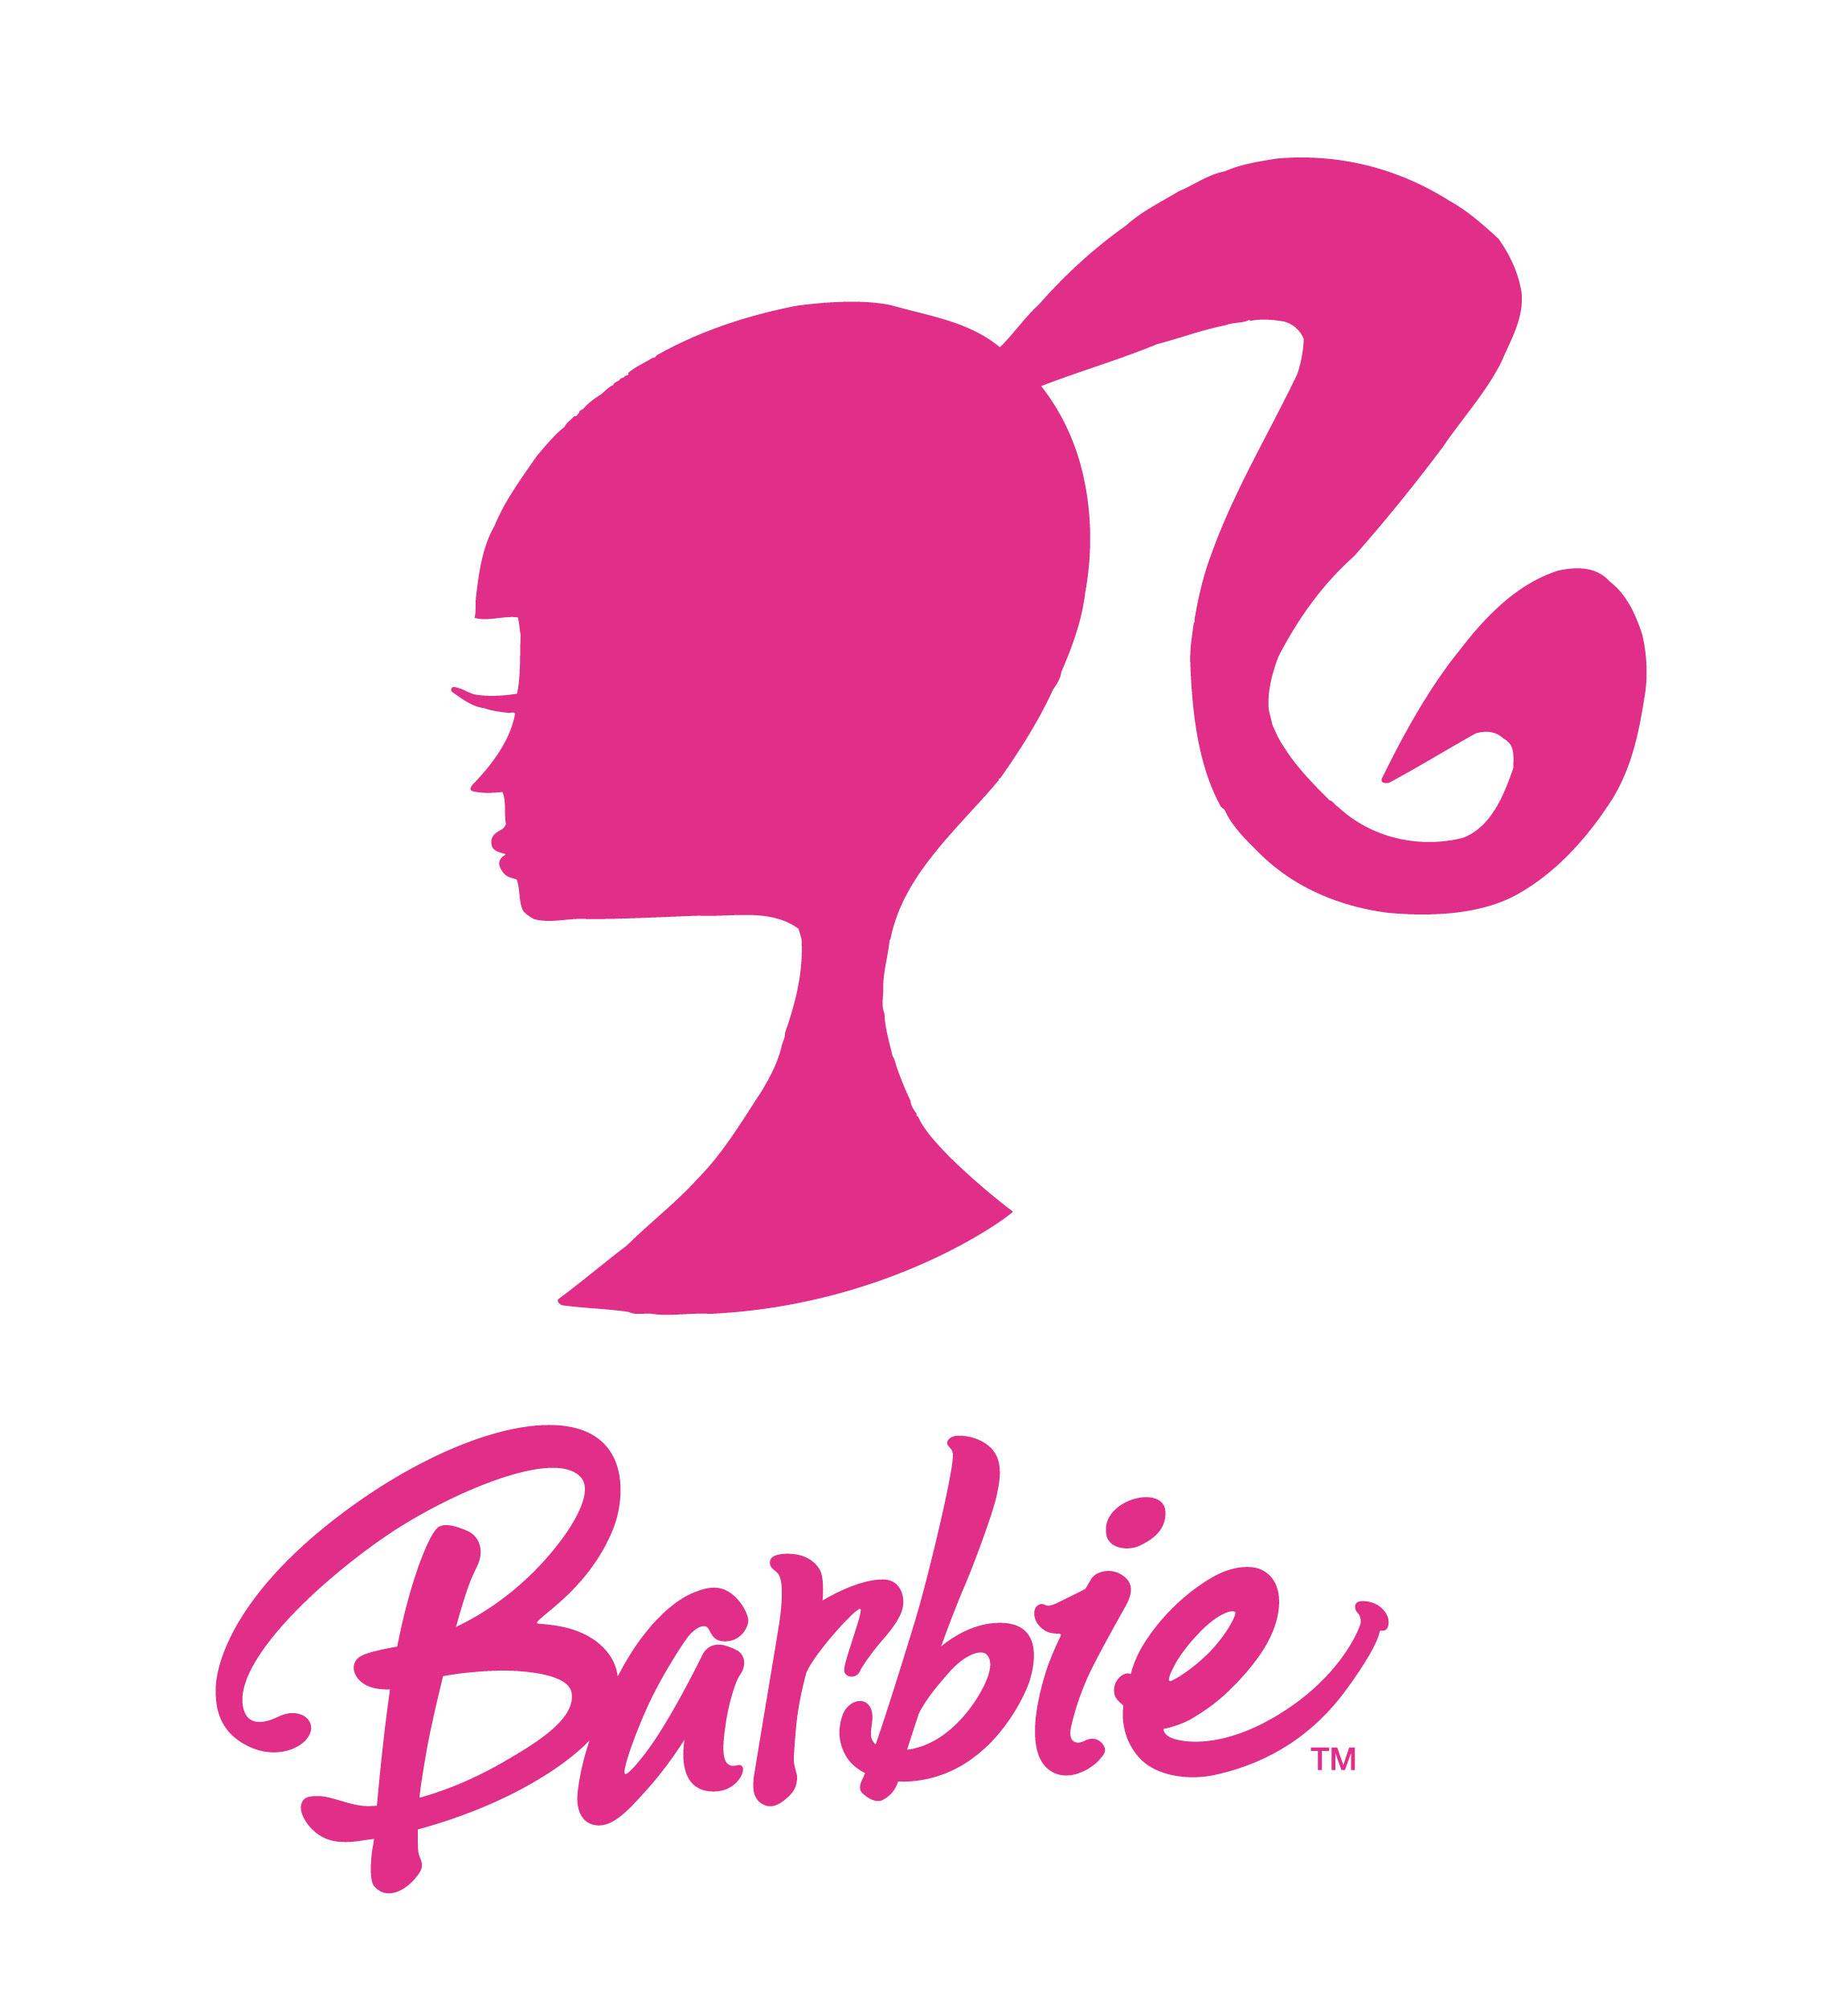 Barbie clipart barbie logo Pretty Logo Barbie Logo Logos